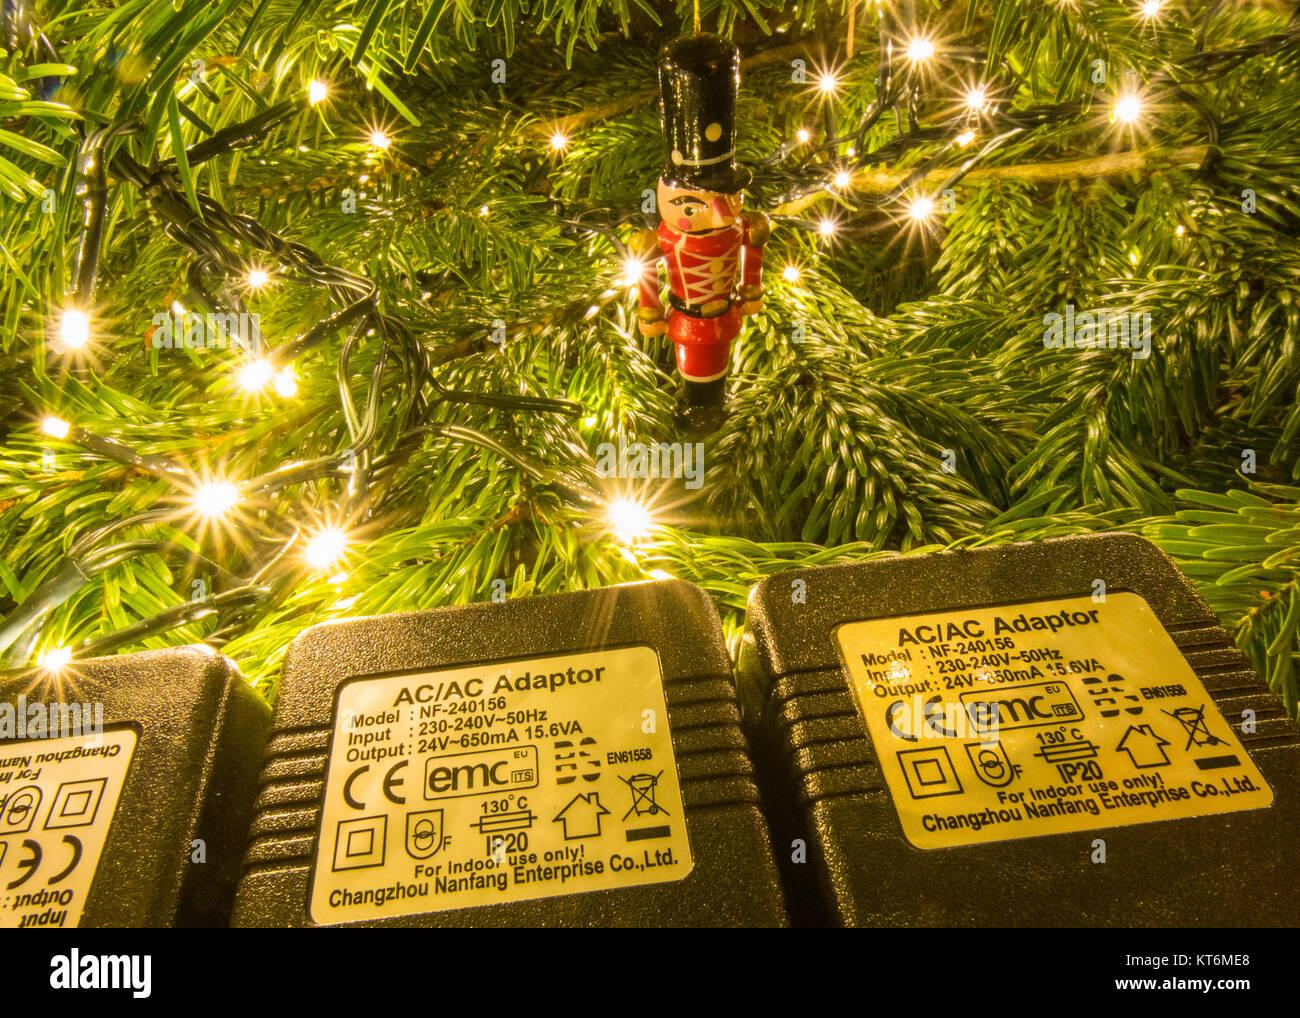 Fée de Noël s'allume indiquant la cote de sécurité IP 20 et d'autres symboles de sécurité Photo Stock